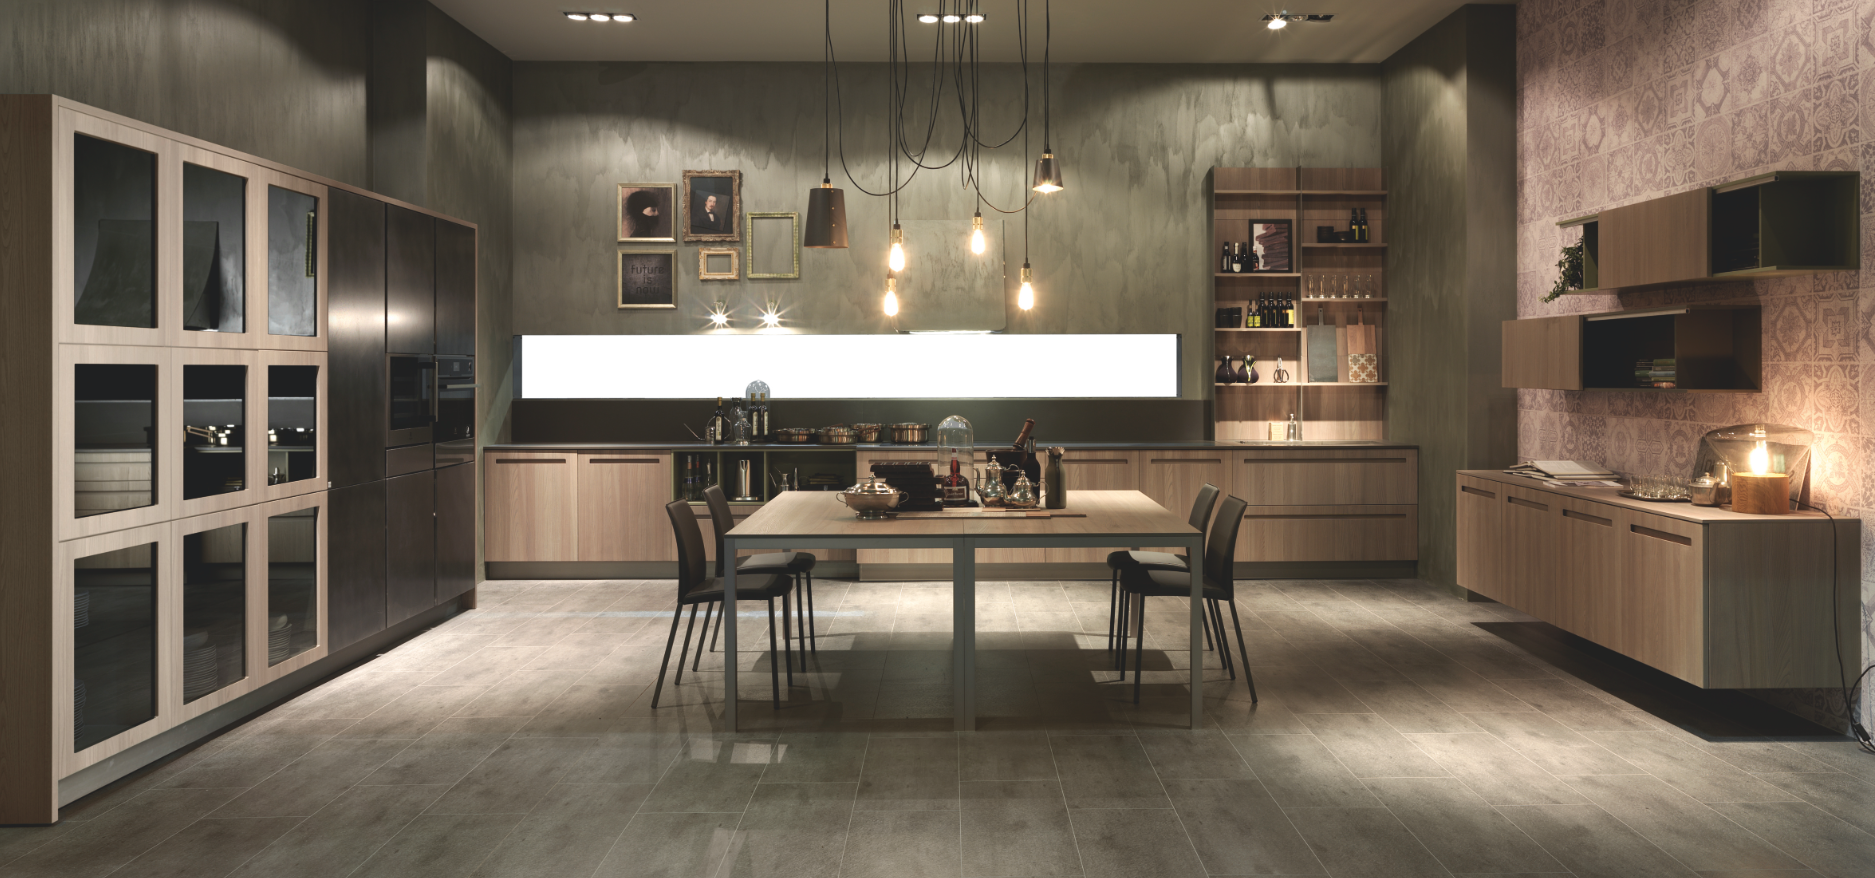 mood di stosa la cucina moderna che disegna lo spazio giorno unendo kitchen e living